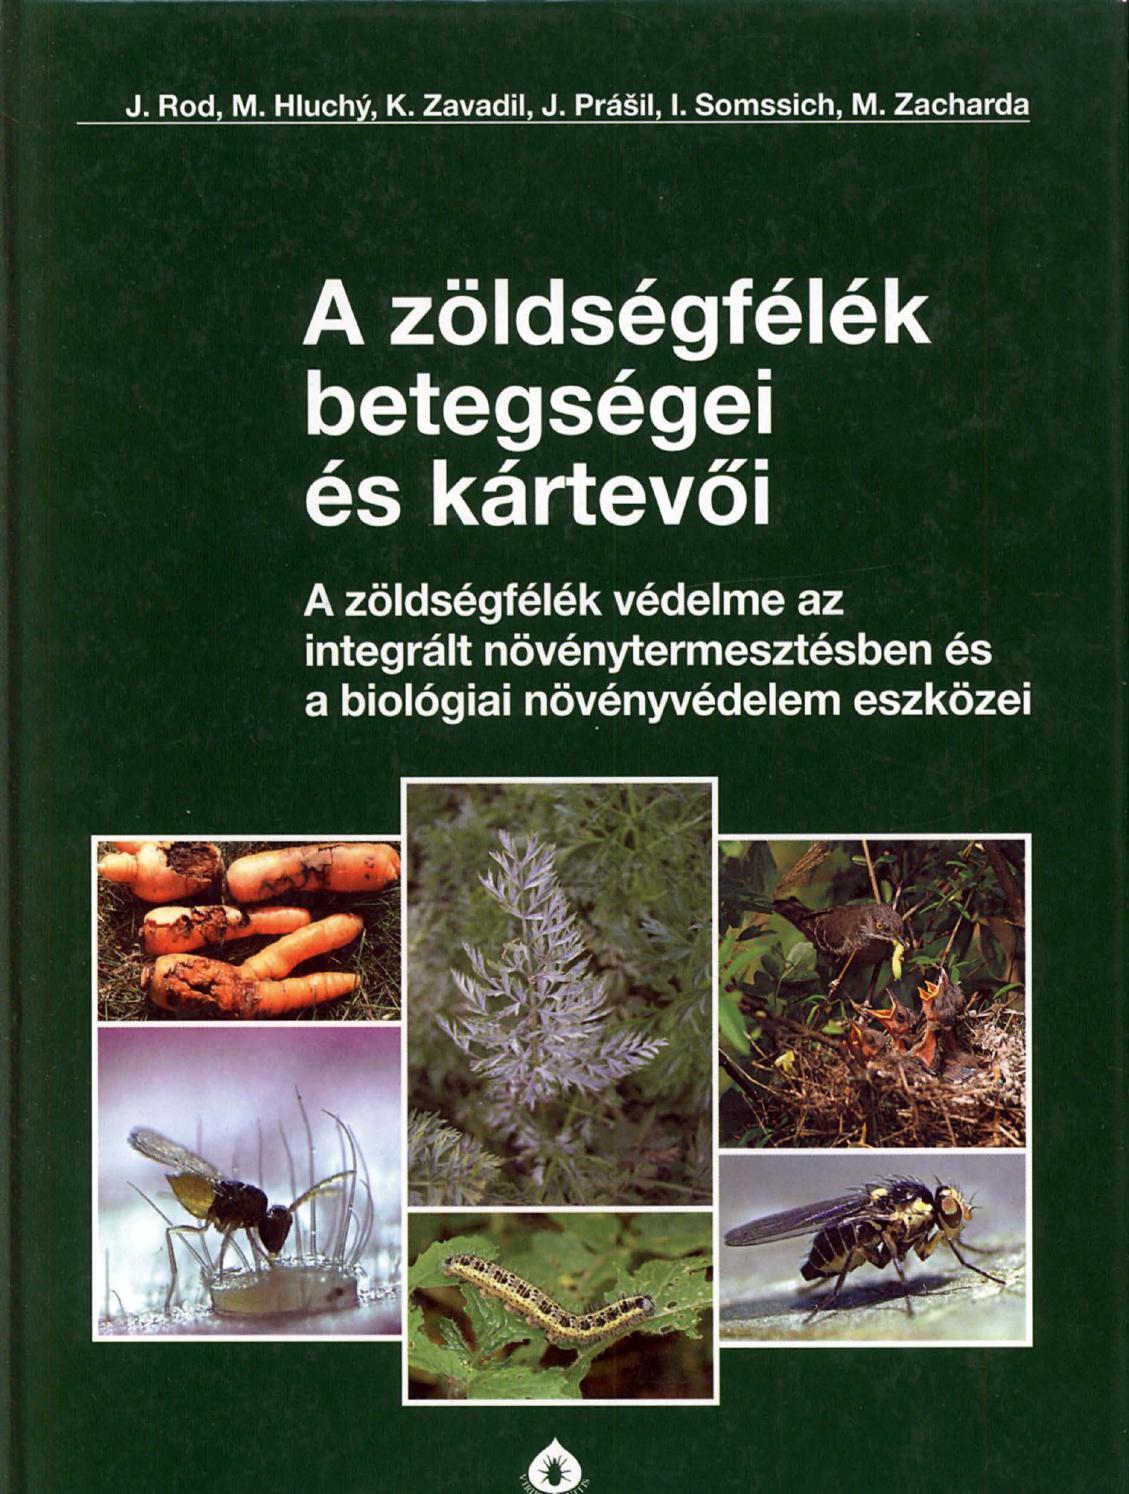 Paraziták a bélben: a puffadás okozói - HáziPatika